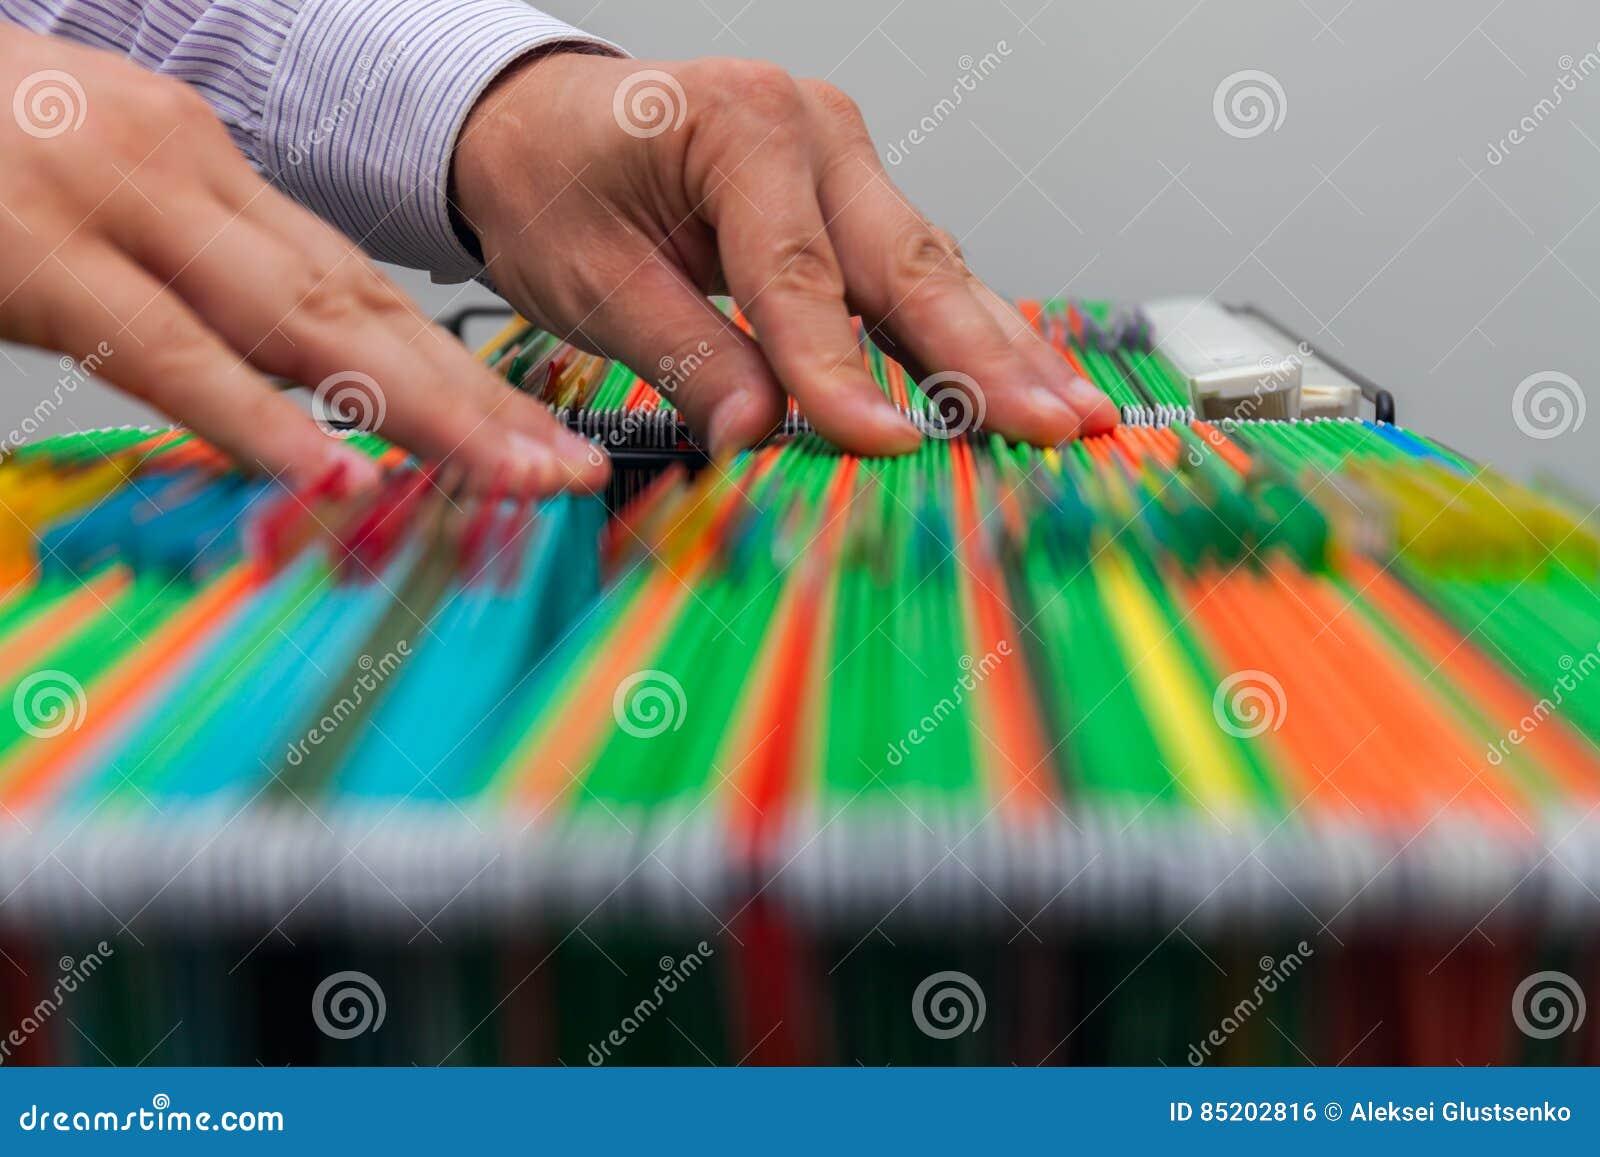 Αφηρημένοι φάκελλοι αρχείων υποβάθρου ζωηρόχρωμοι κρεμώντας στο συρτάρι Αρσενικά χέρια που φαίνονται έγγραφο ολόκληρο σε έναν σωρ